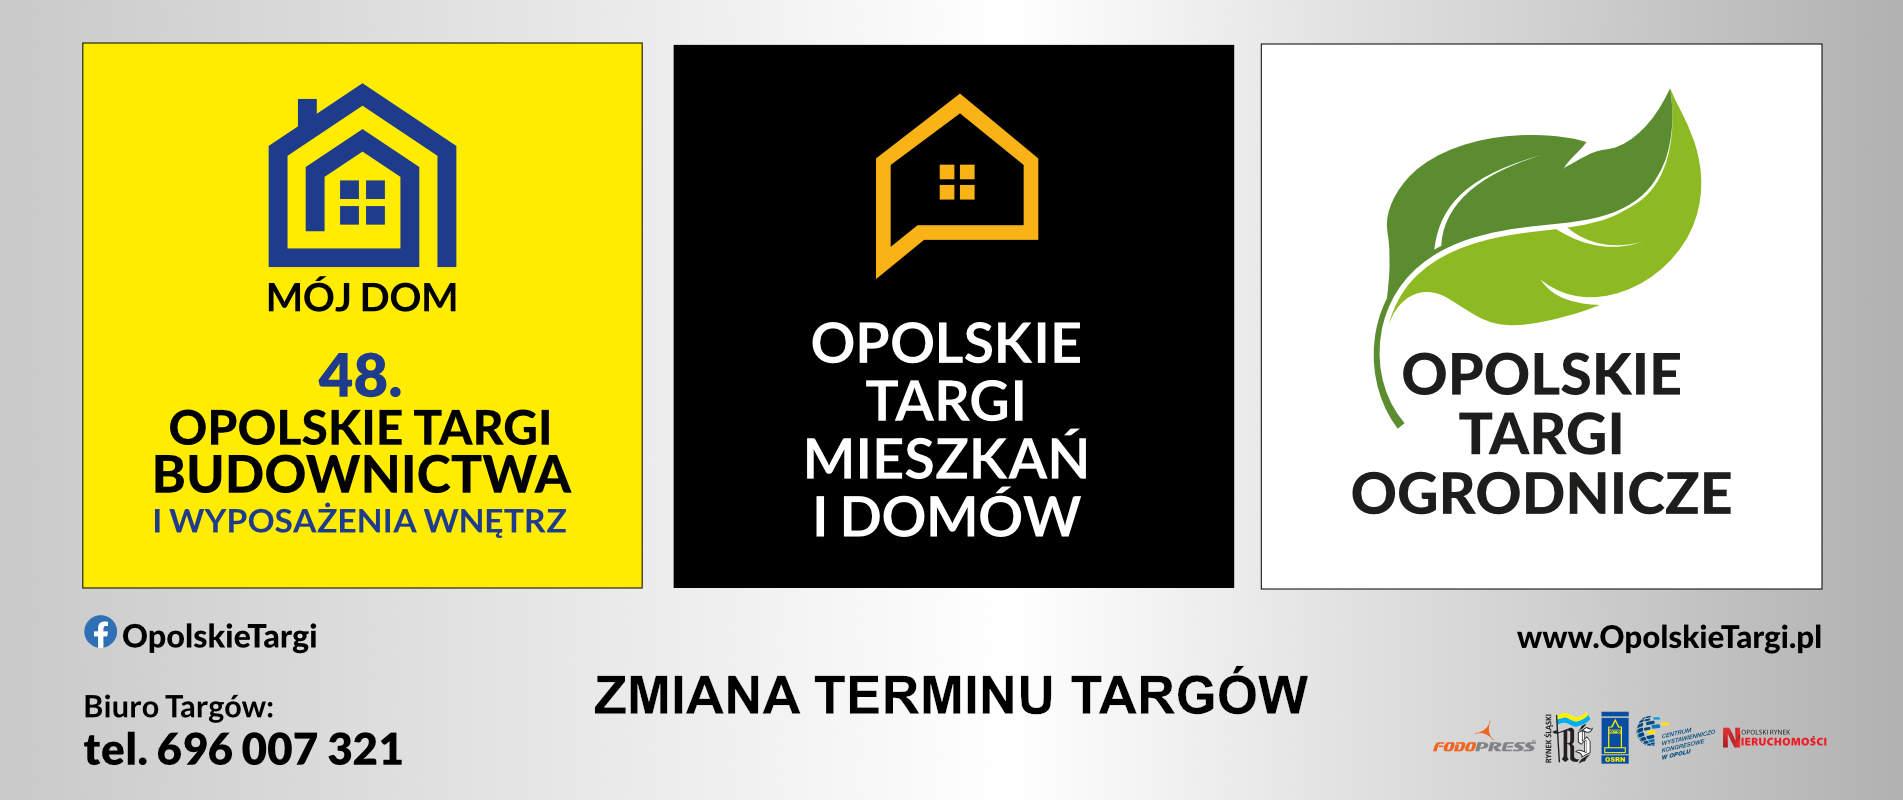 Opolskie Targi Budownictwa Wyposażenia Wnętrz Mieszkań Domów Ogrodnicze